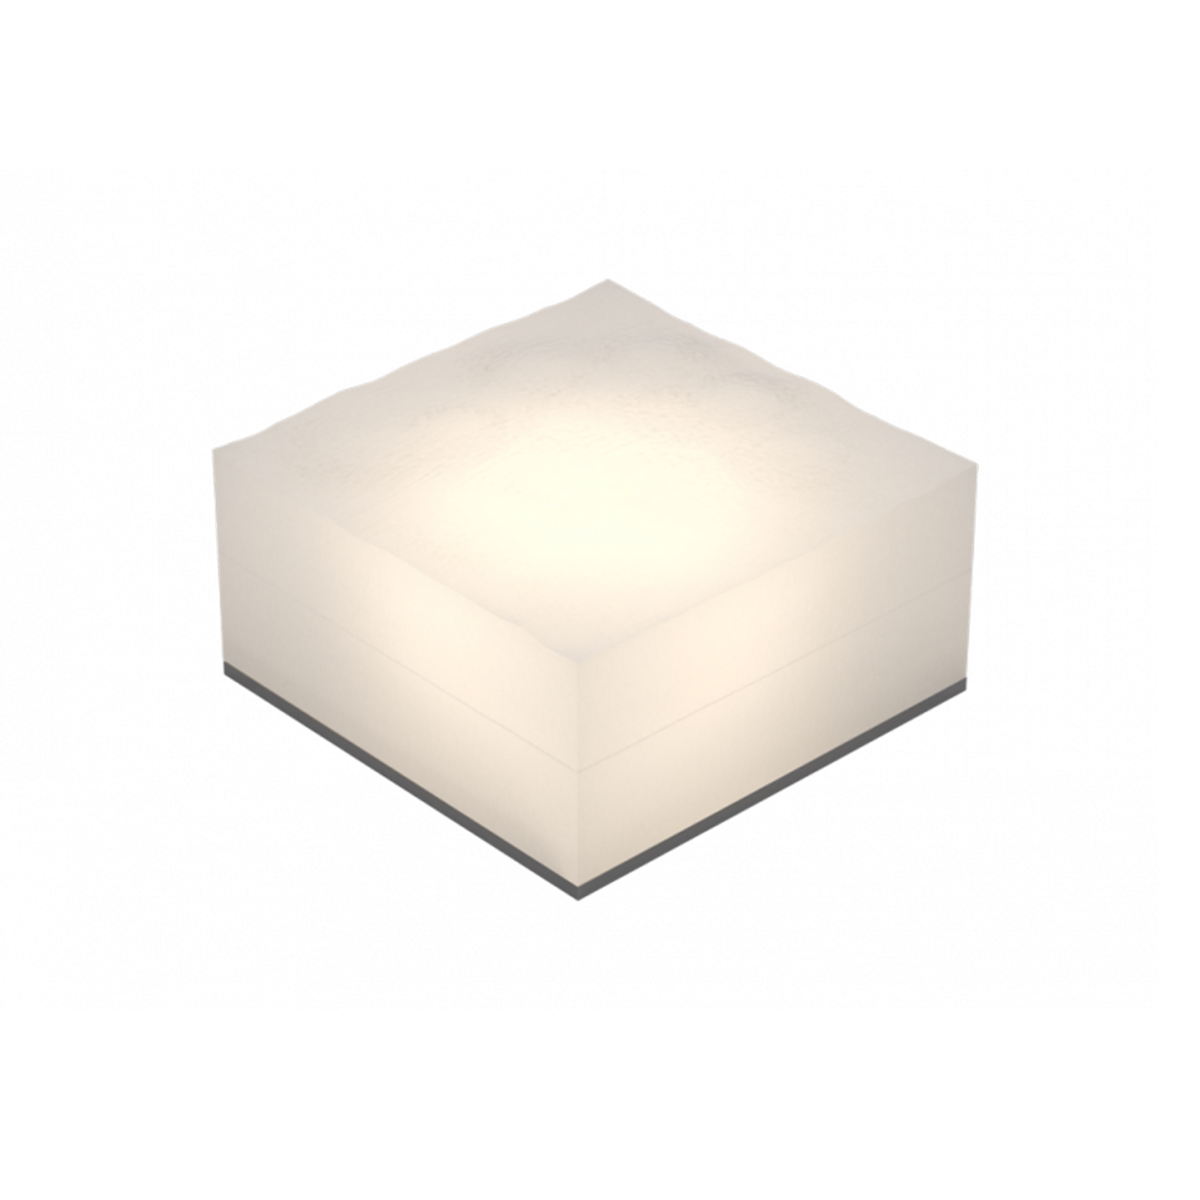 Светильники в брусчатку ICE TX